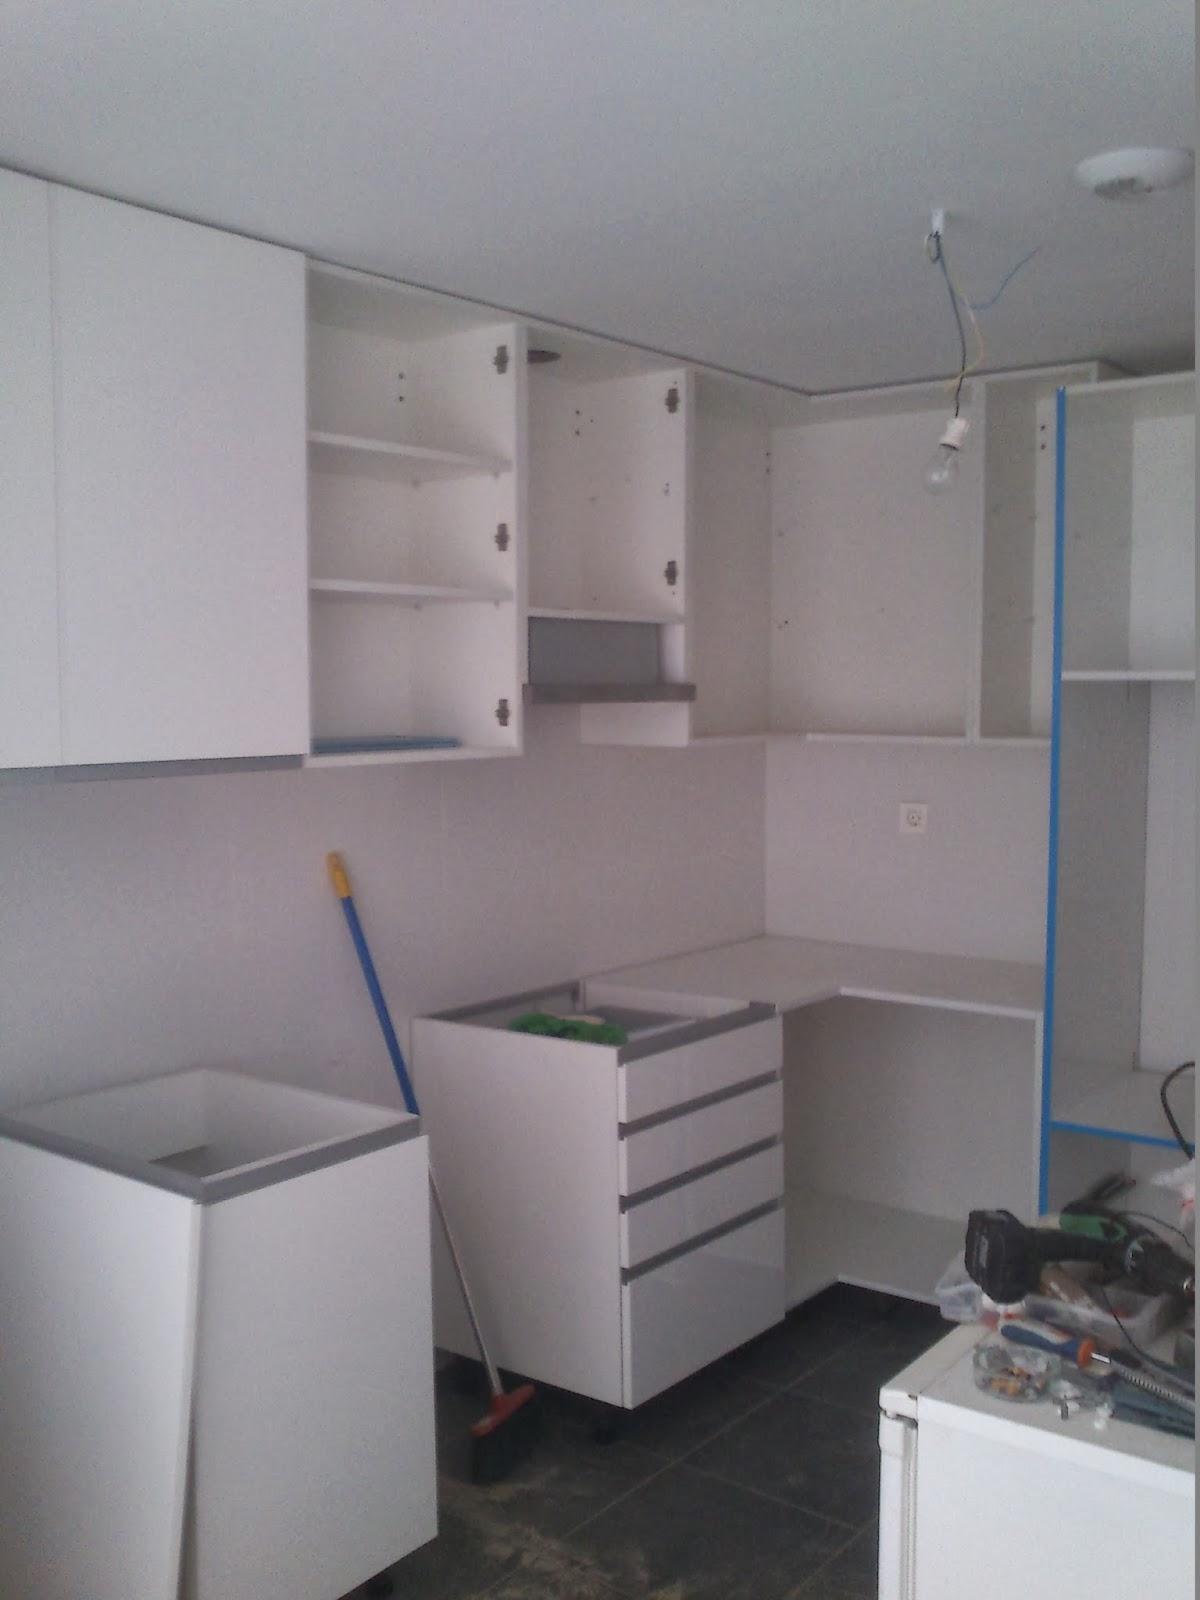 Sergio vivas carpintero cocina y mueble auxiliar en for Encimera auxiliar cocina